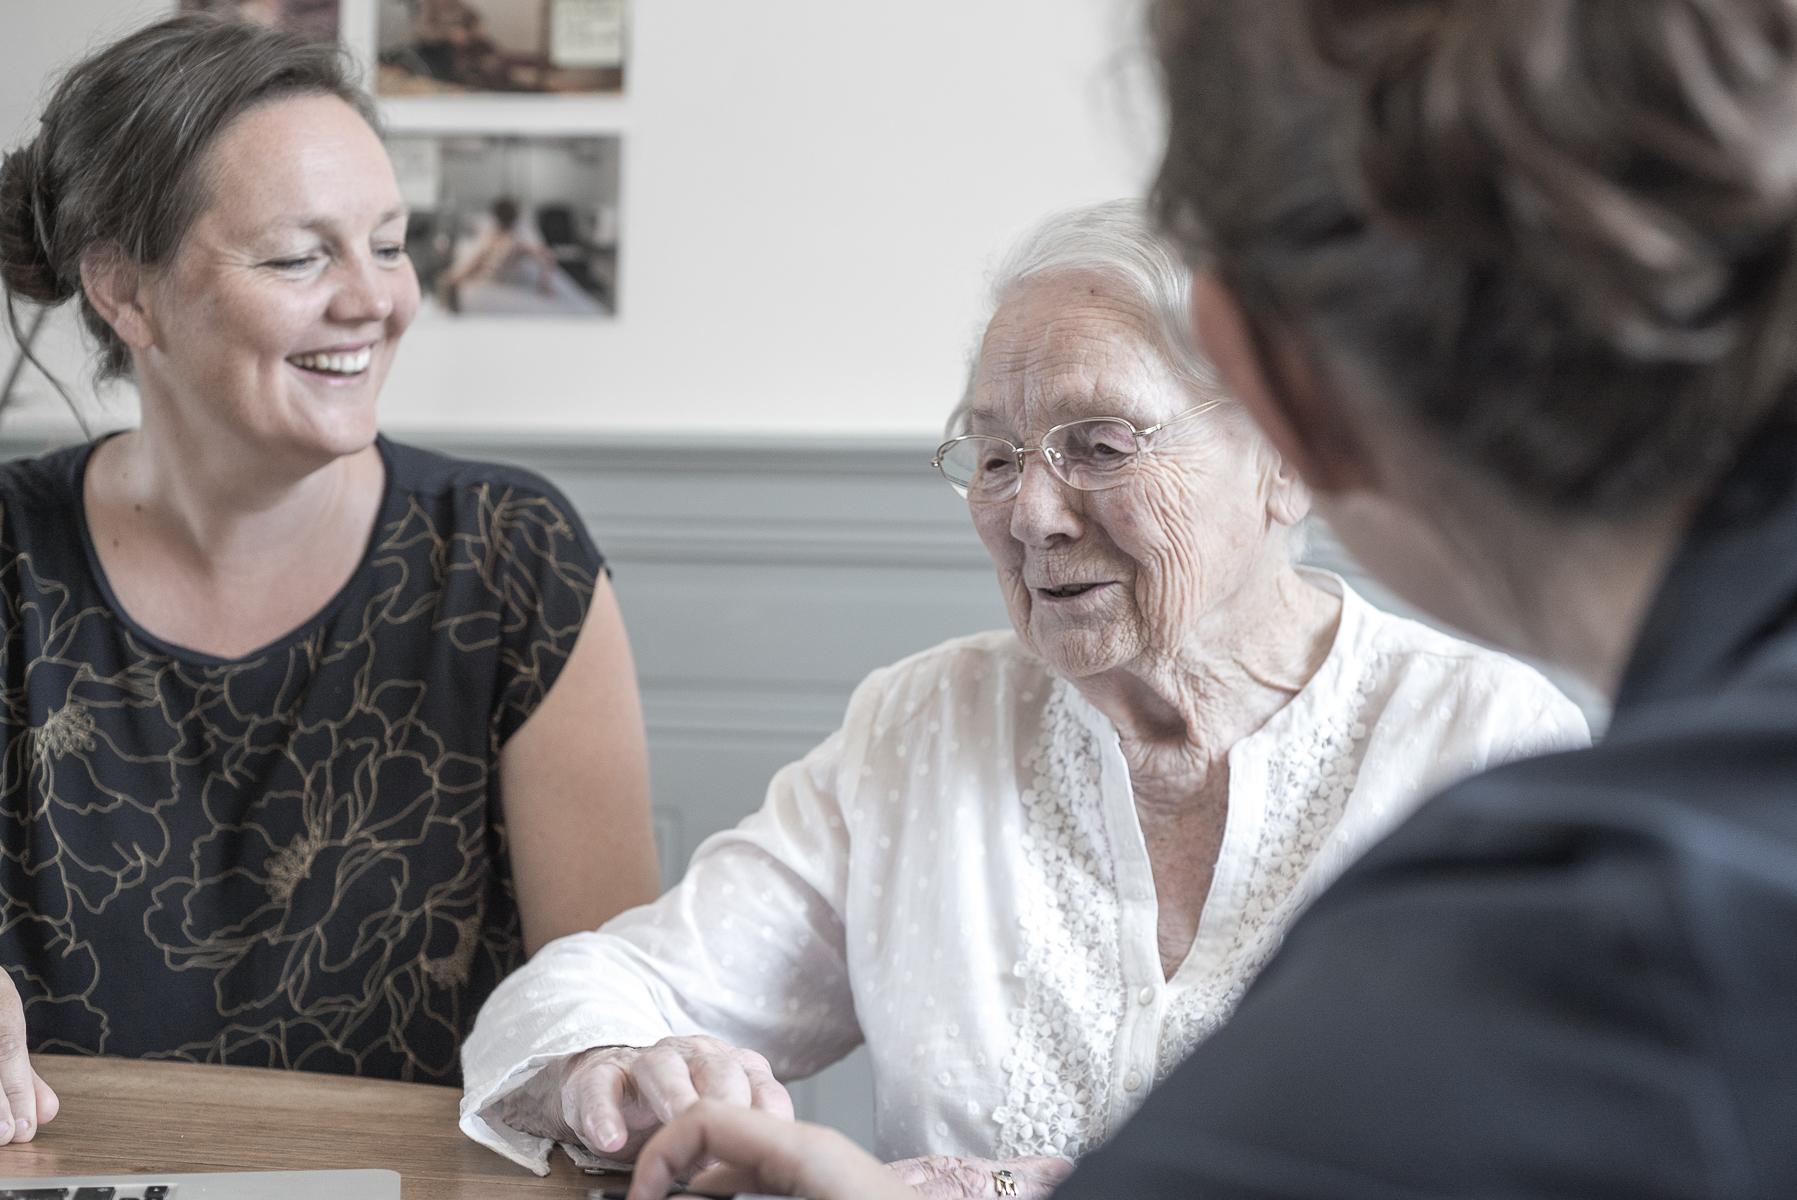 Aïna - Réinventer le quotidien des personnes âgées grâce au Design thinking. Conseils stratégiques pour la start-up française, animation d'ateliers en Design Thinking et création d'un programme de formation en innovation pour les maisons de retraite en cours. #DesignThinking #inclusion